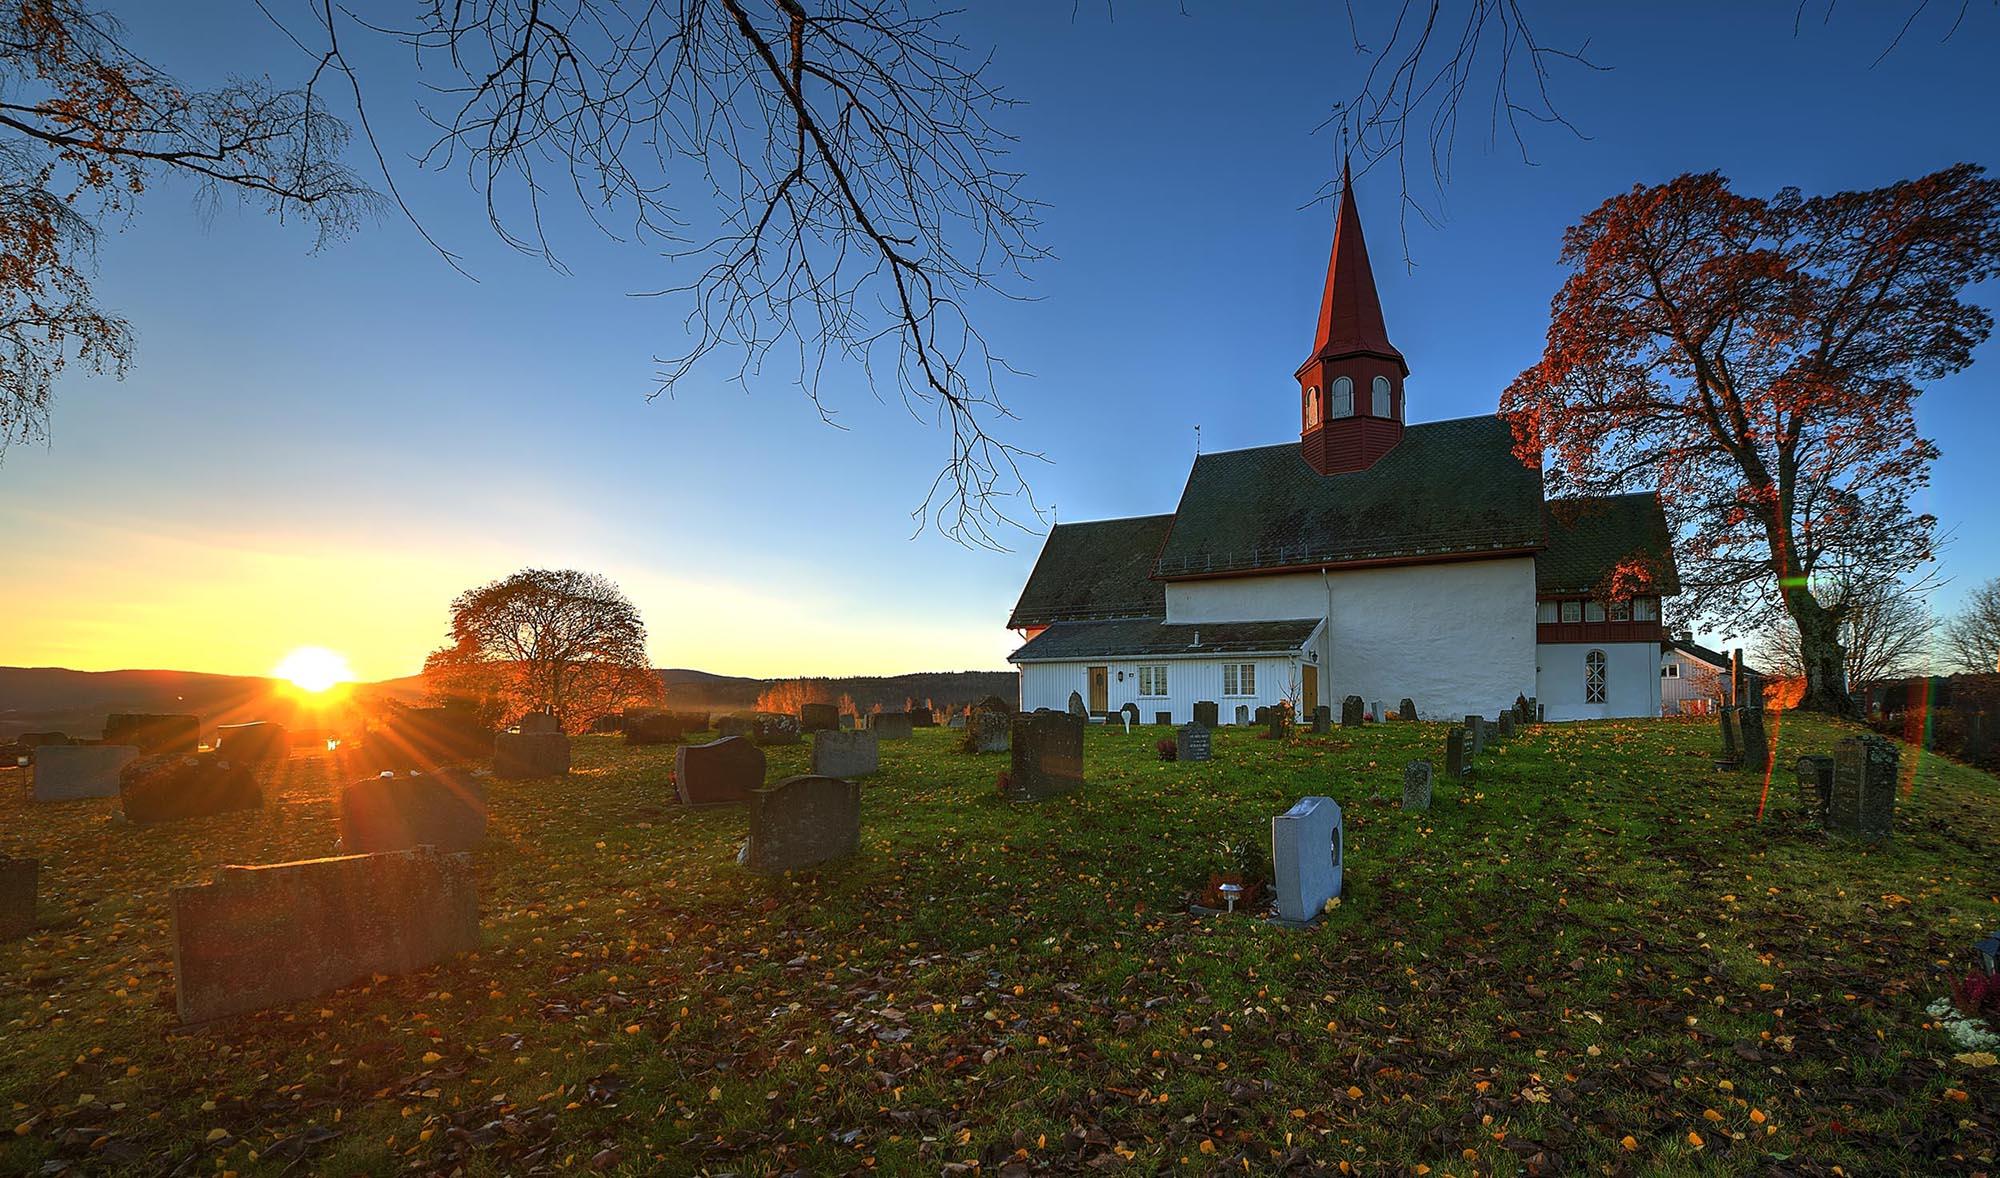 Vet du når denne kirken ble bygget?